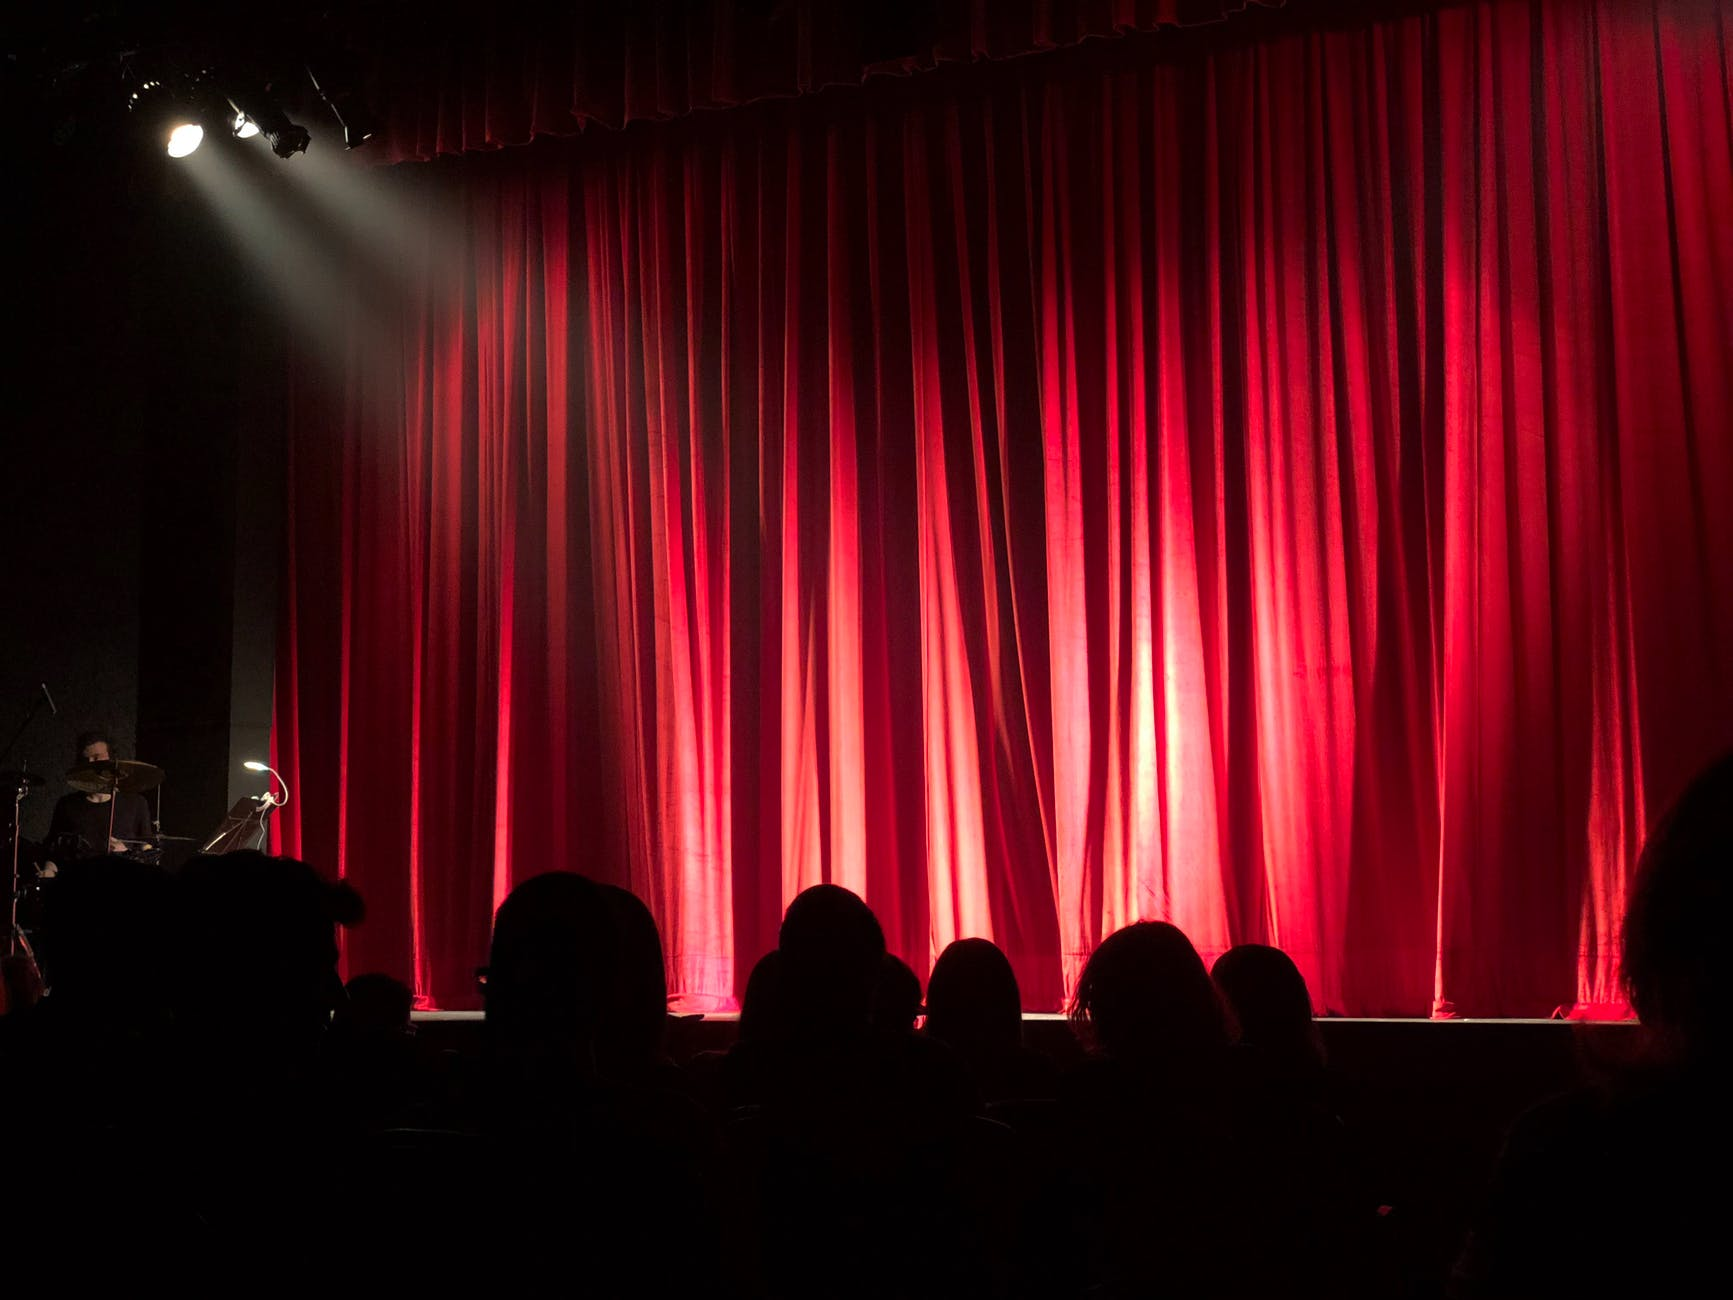 theatre-teatro-sipario-palco-rosso-red-luci-light